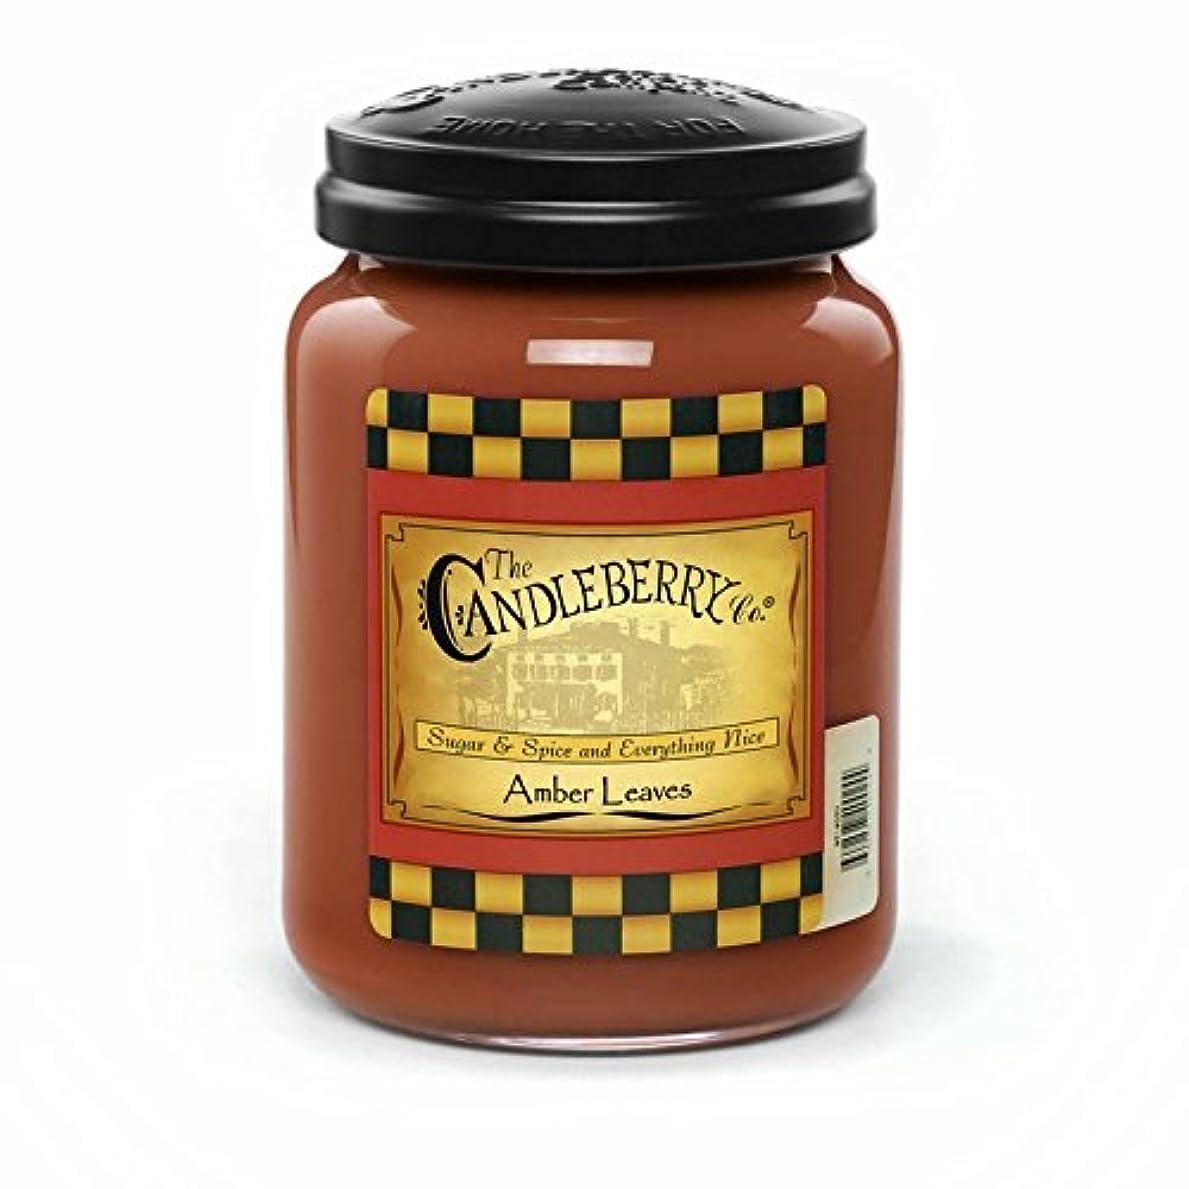 ひばり古くなったステレオAmber Leaves 26オンスLarge Jar Candleberry Candle